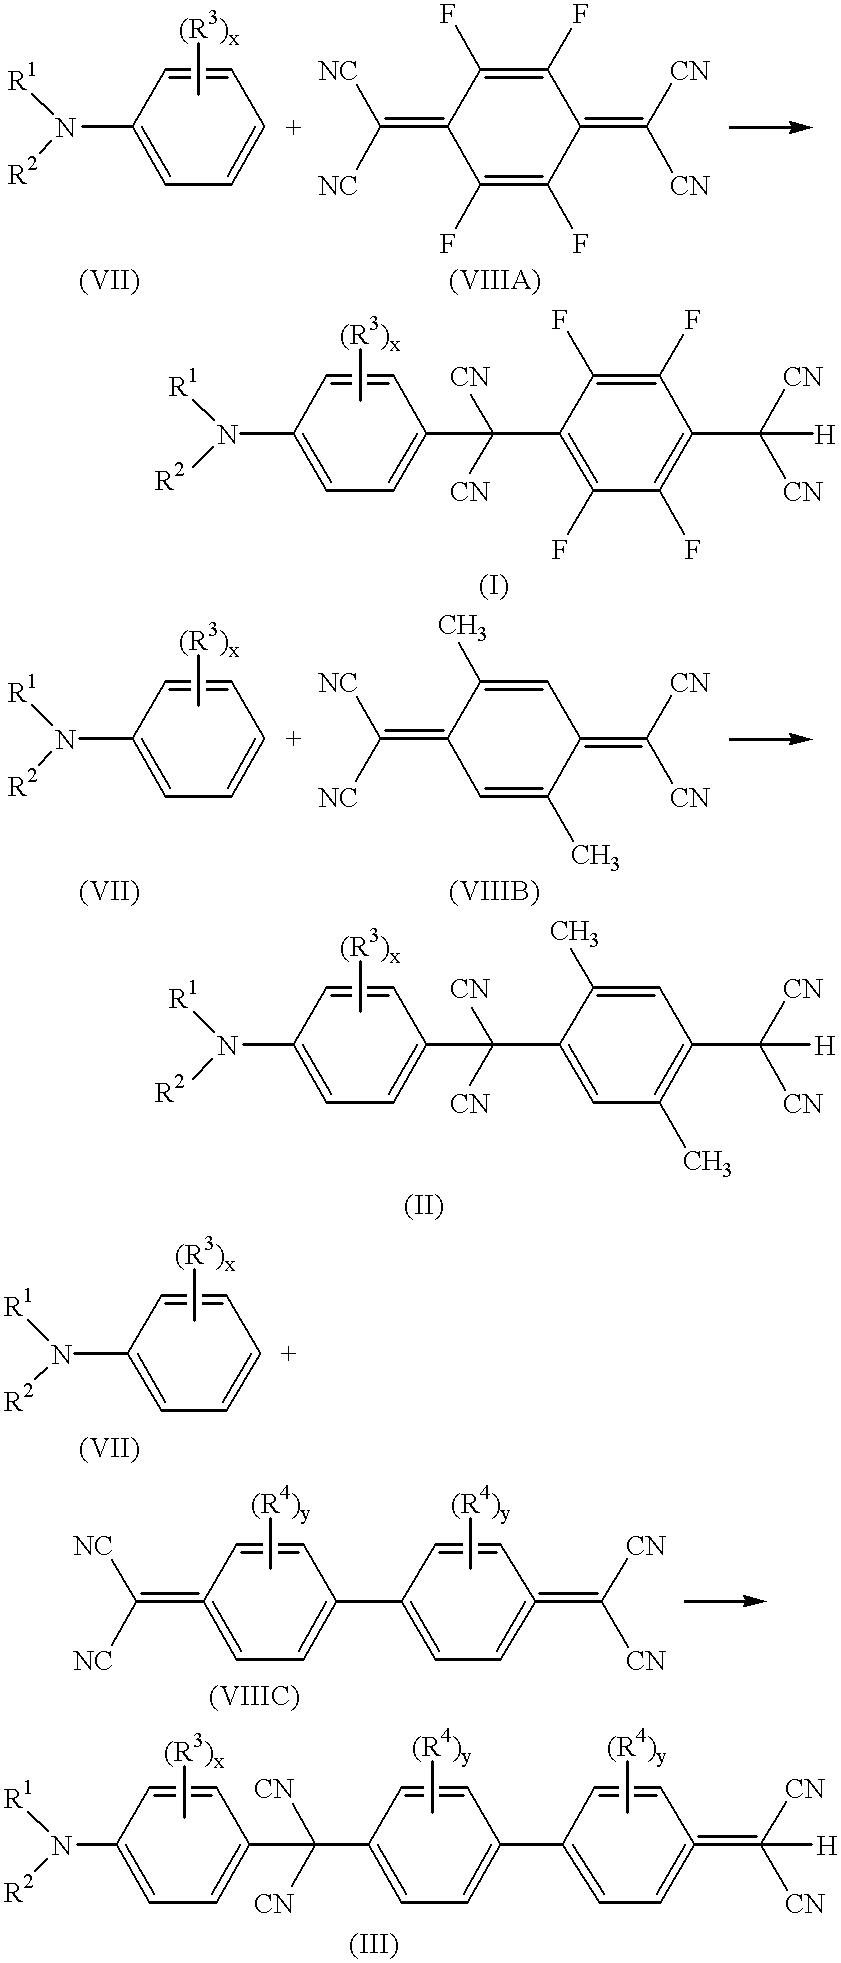 Figure US06194120-20010227-C00006